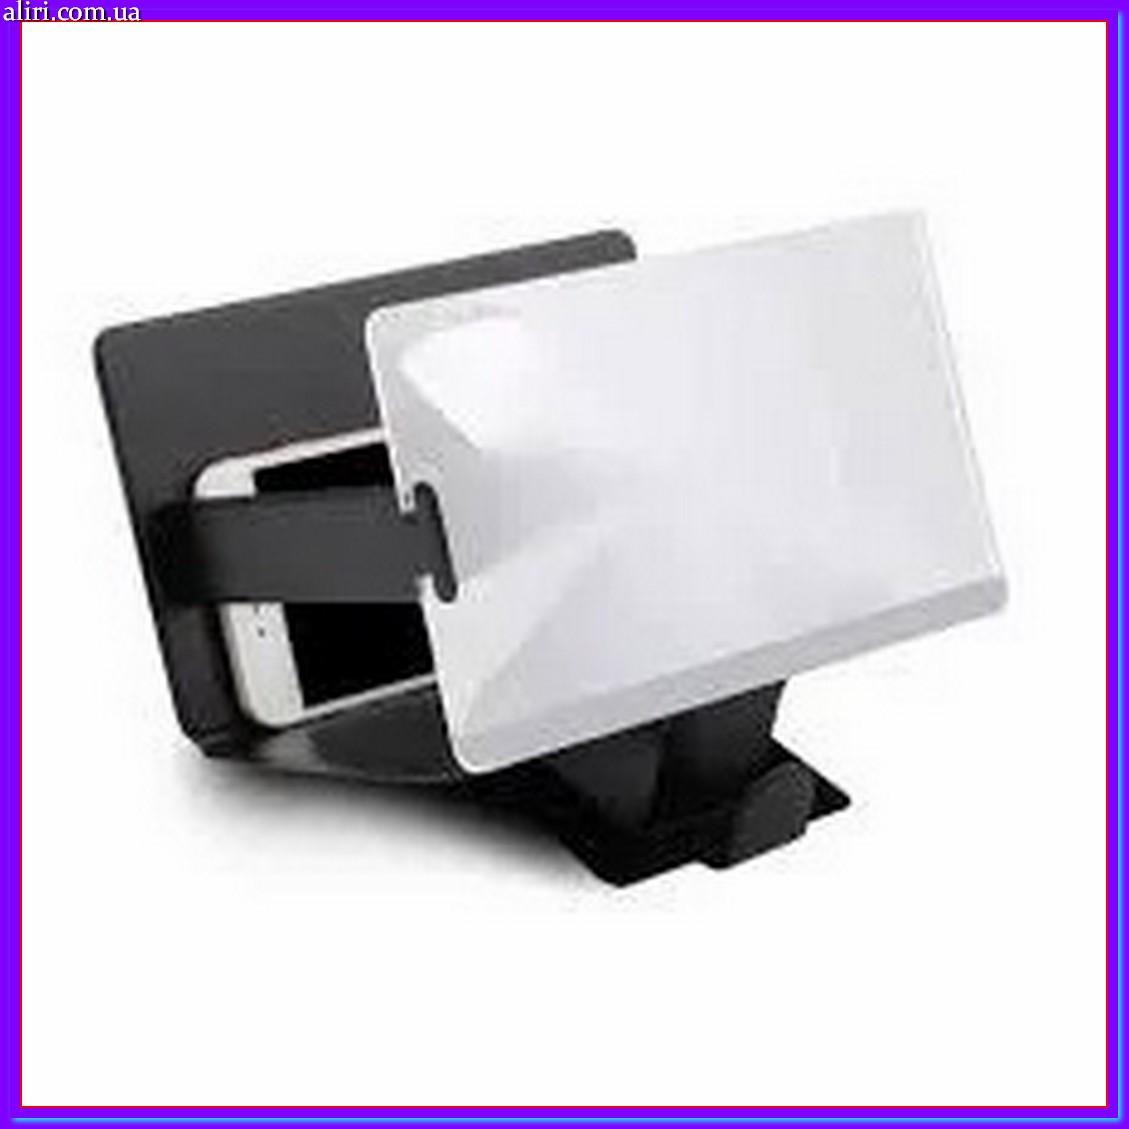 3D увеличитель экрана телефона проэктор